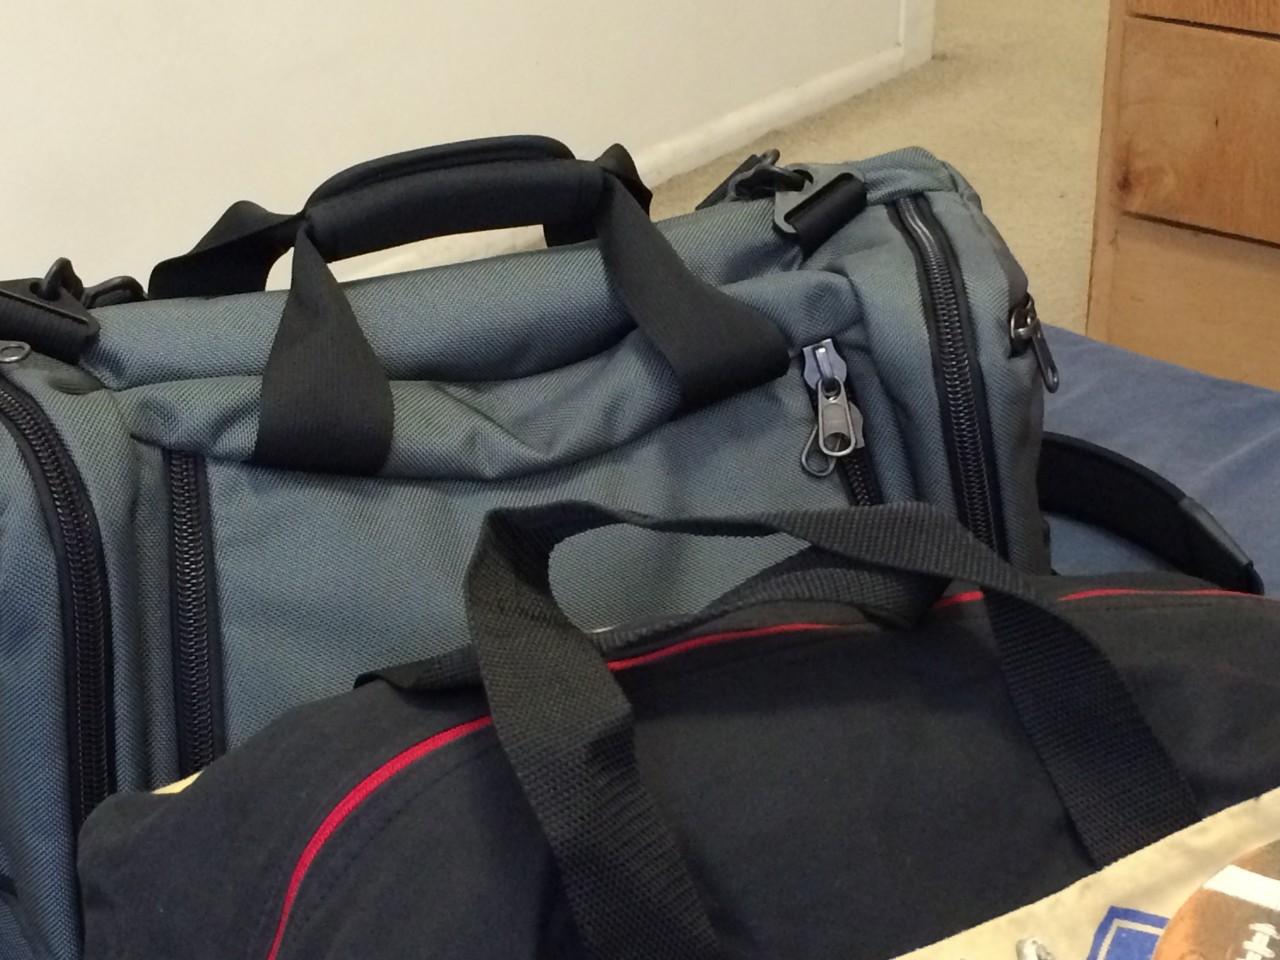 Duffel bag carry handle comparison